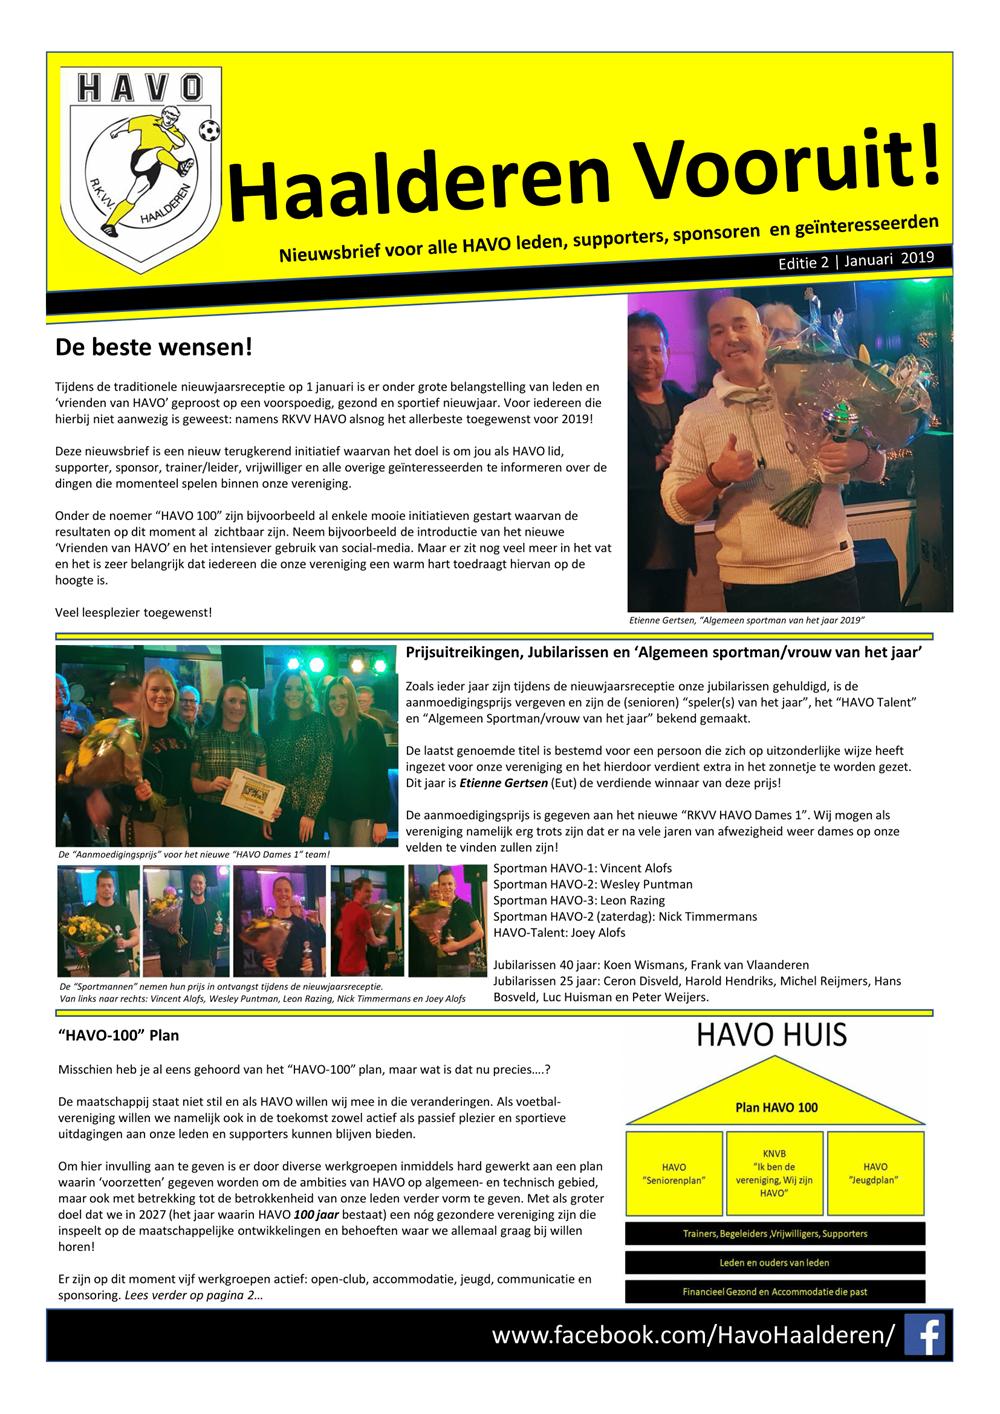 HAVO_Nieuwsbrief_2019_1-1.png